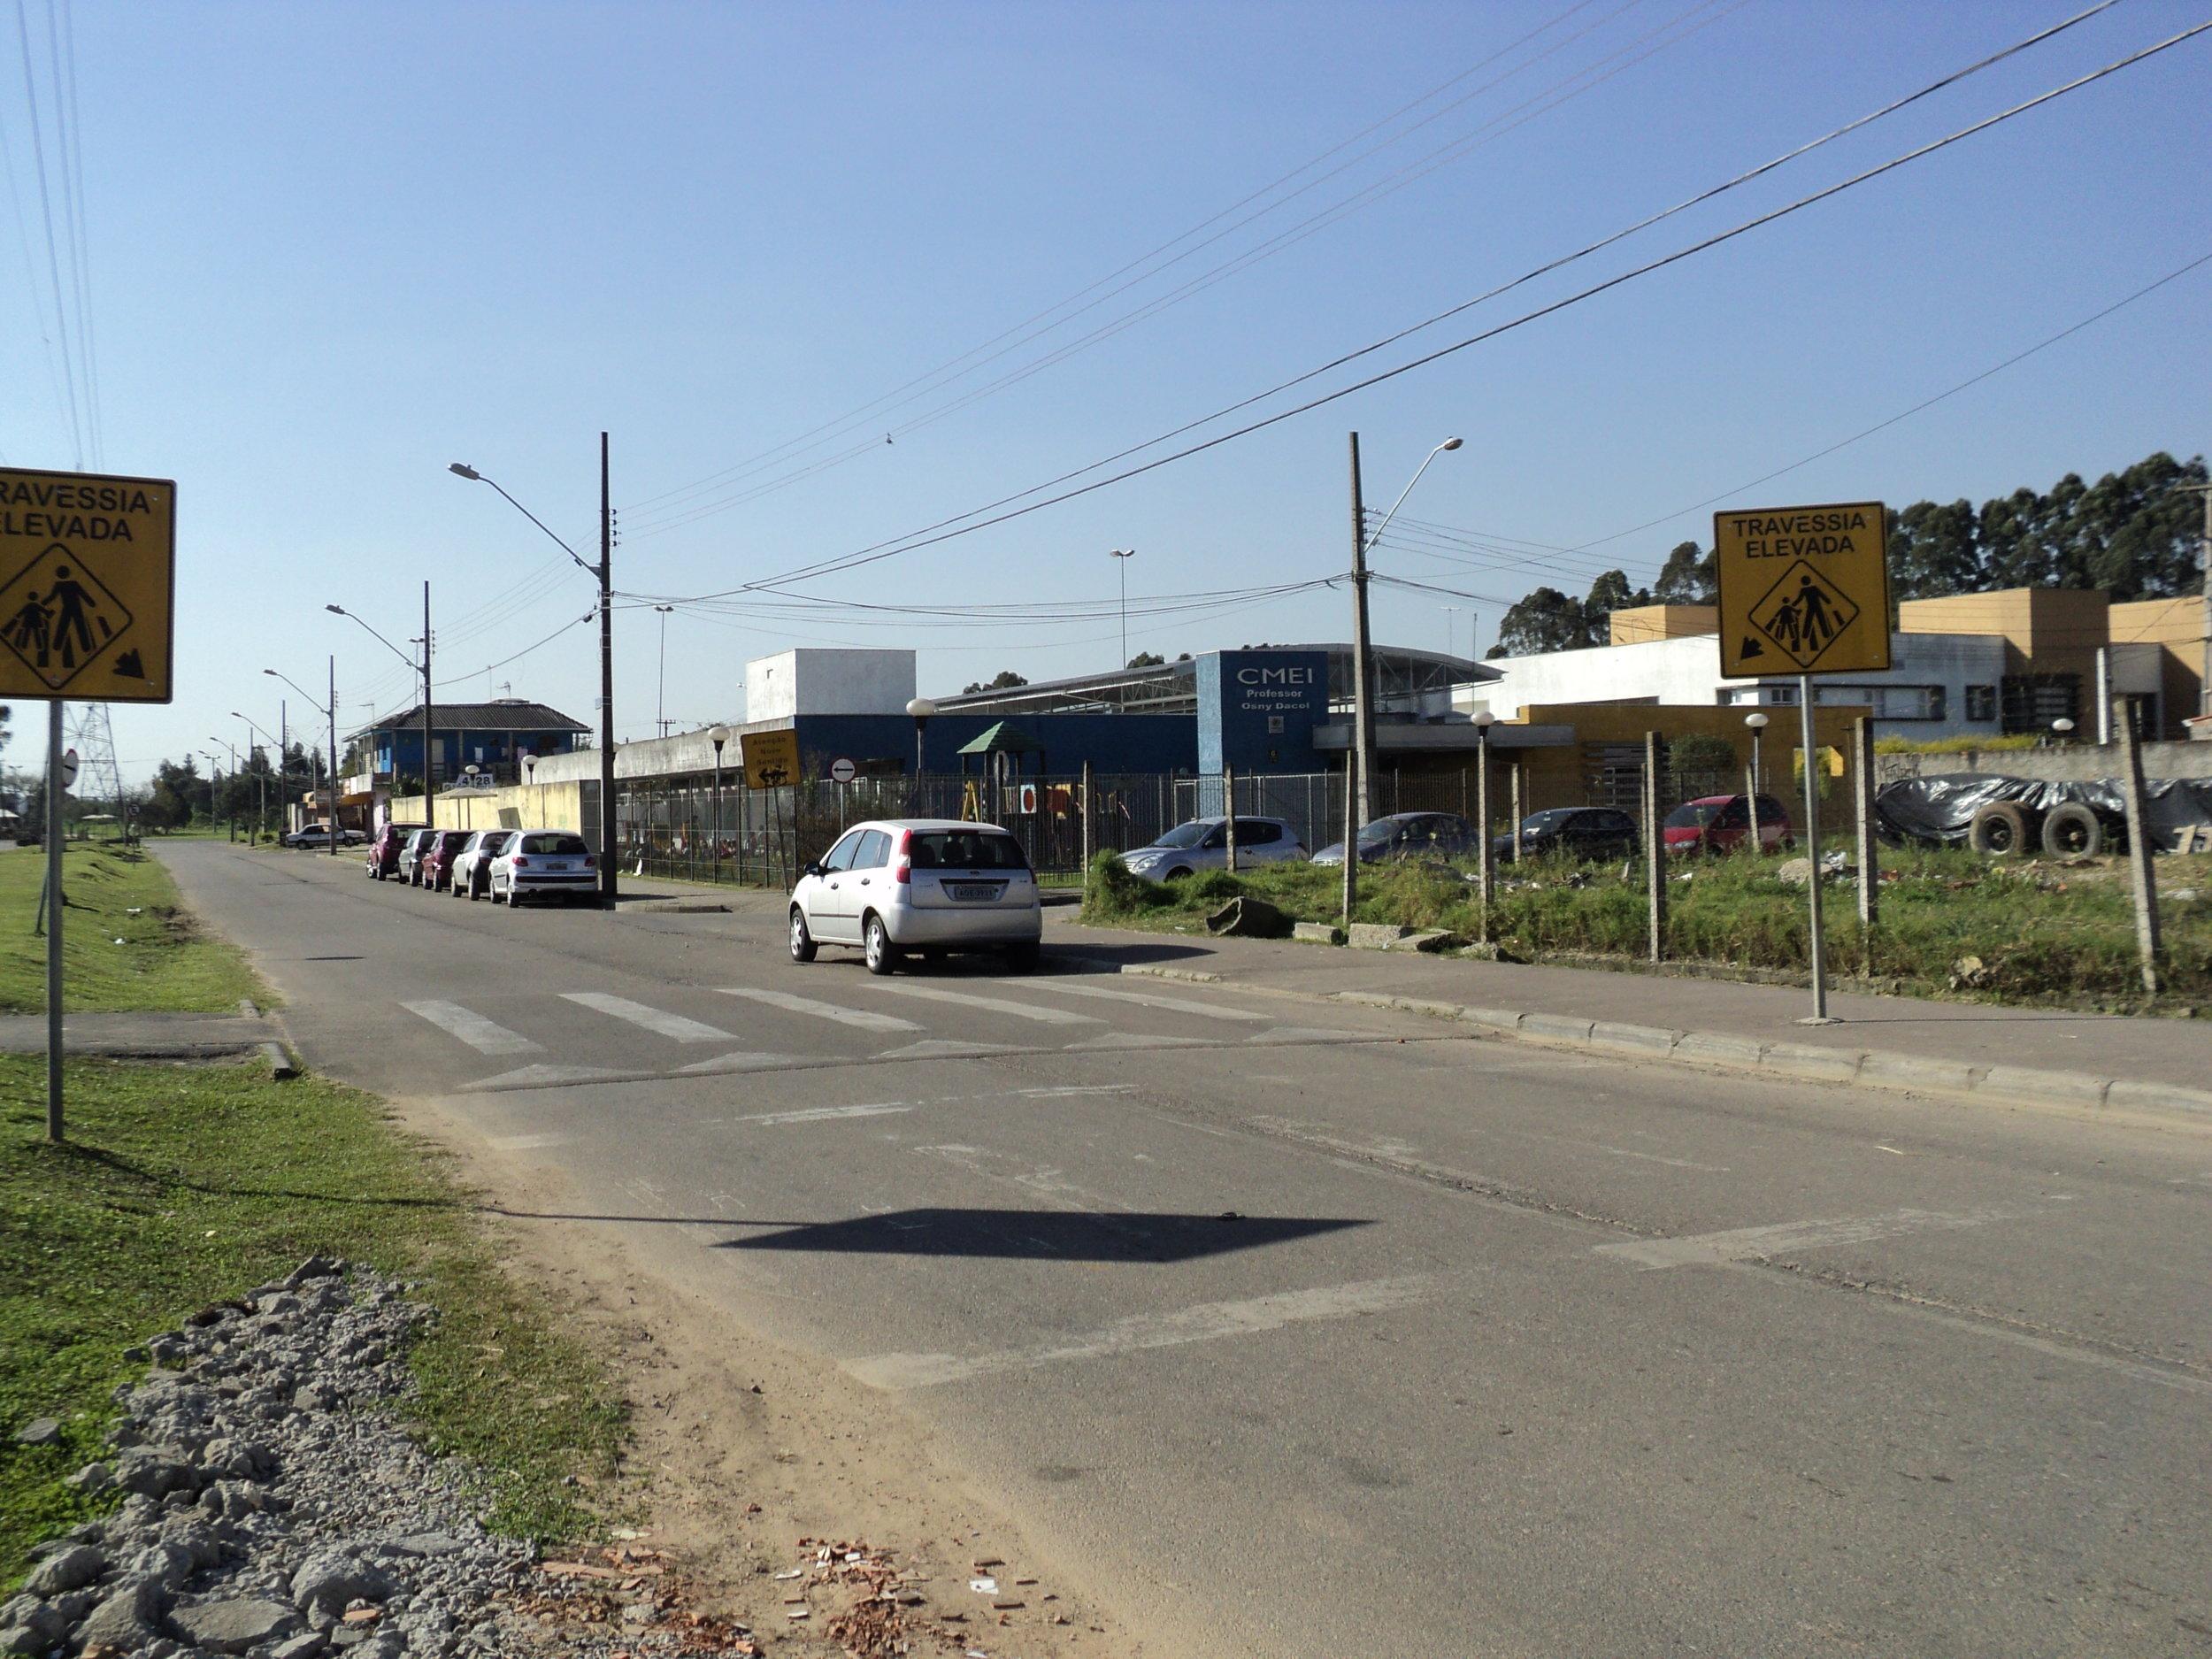 Travessia Elevada na Rua Leonardo Novicki próximo à EM Enéas Faria